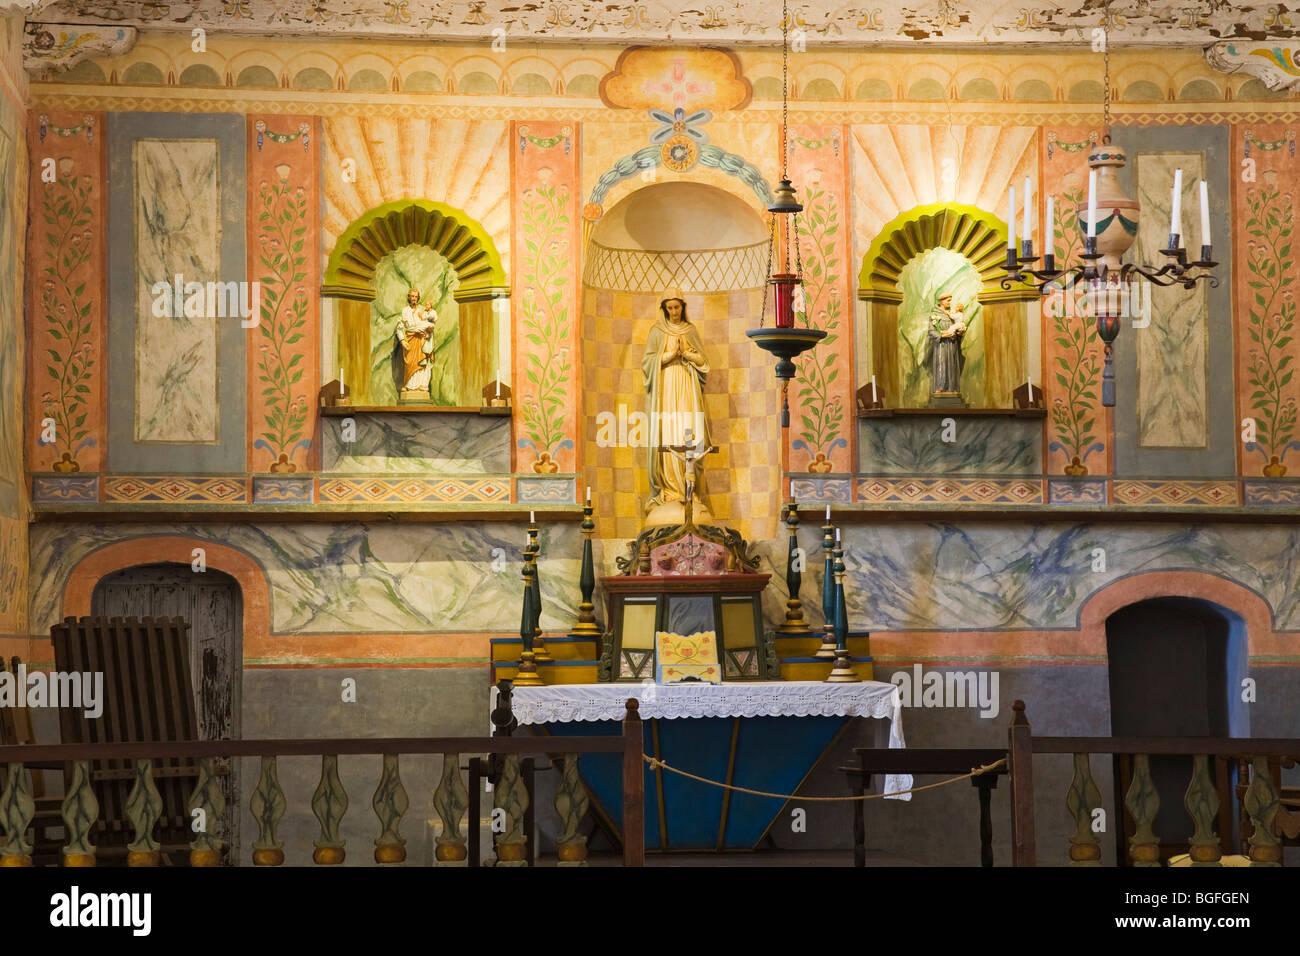 Church Alter, La Purisima Mission State Historic Park, Lompoc, Santa Barbara County, Central California, USA - Stock Image